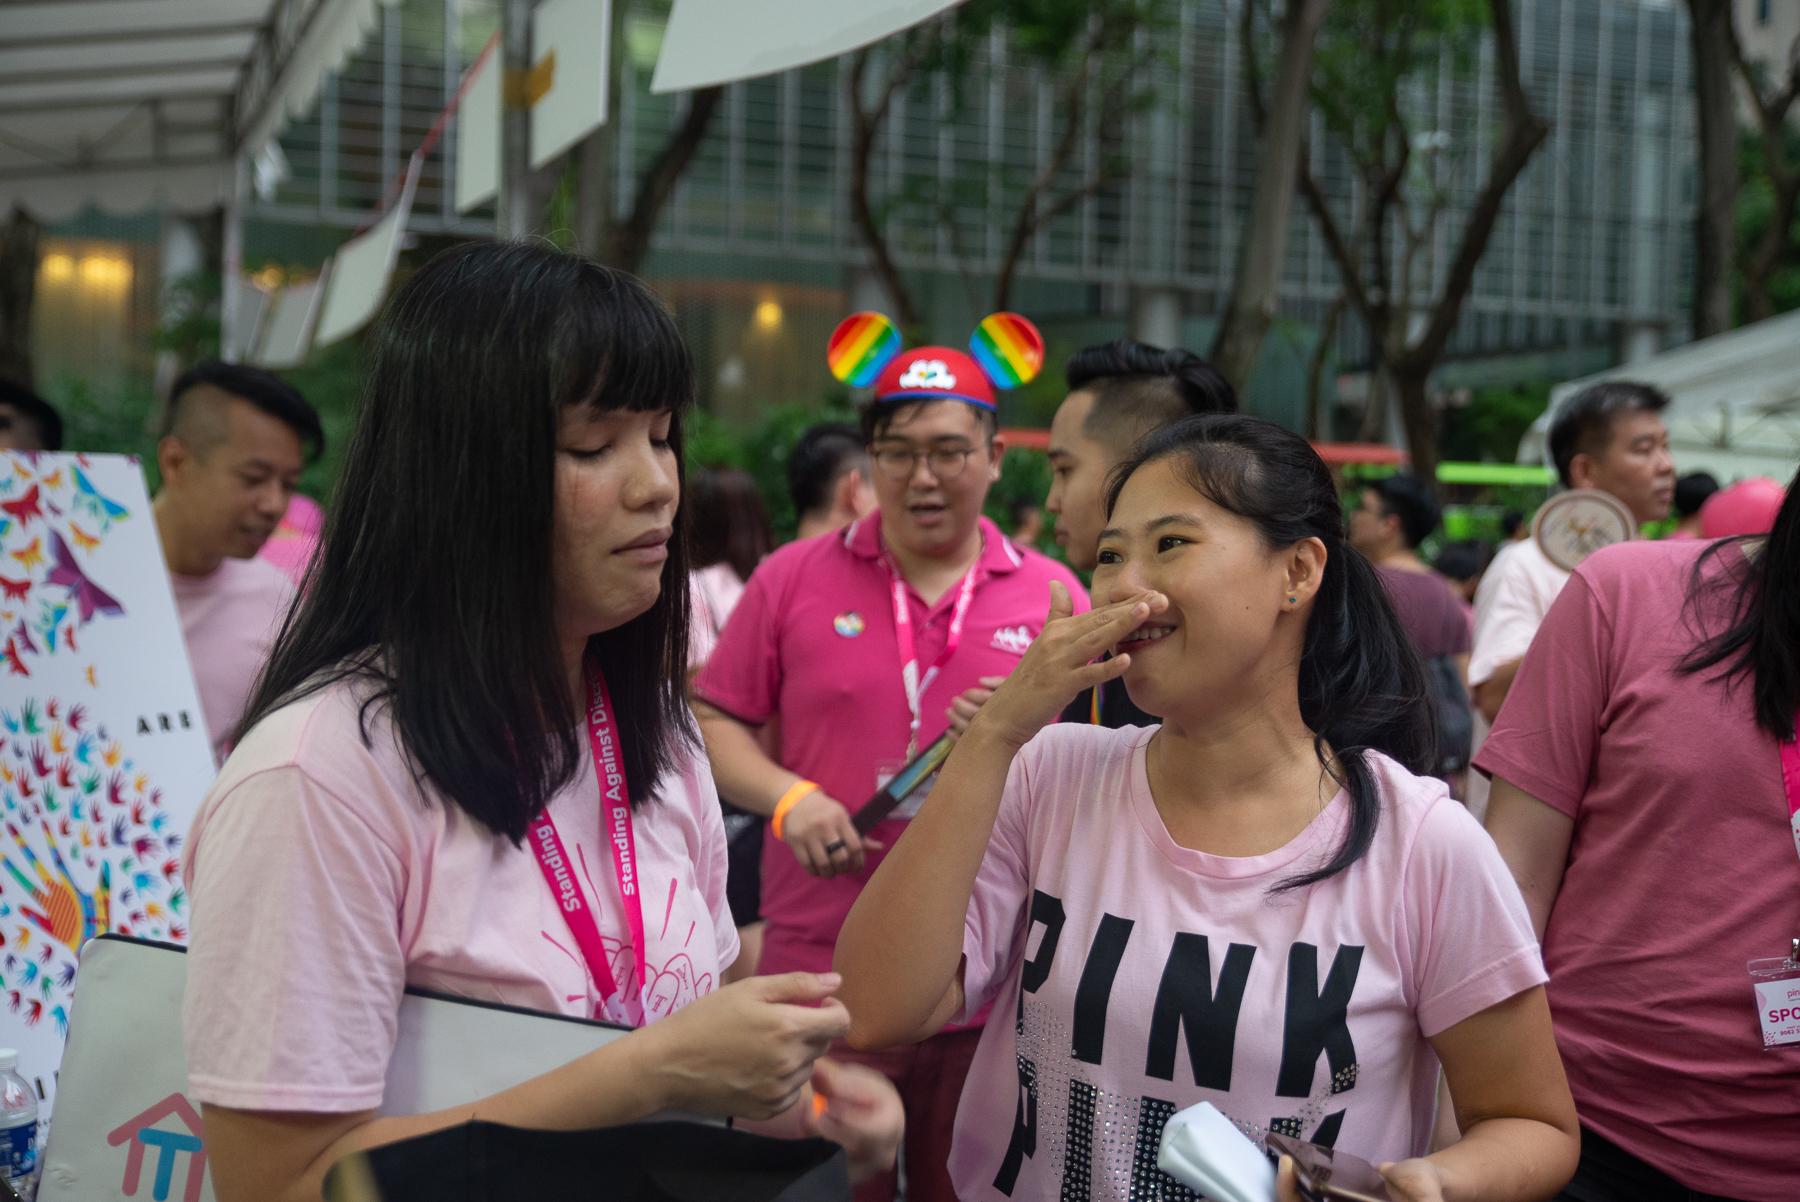 PinkDot-2019-9463.jpg